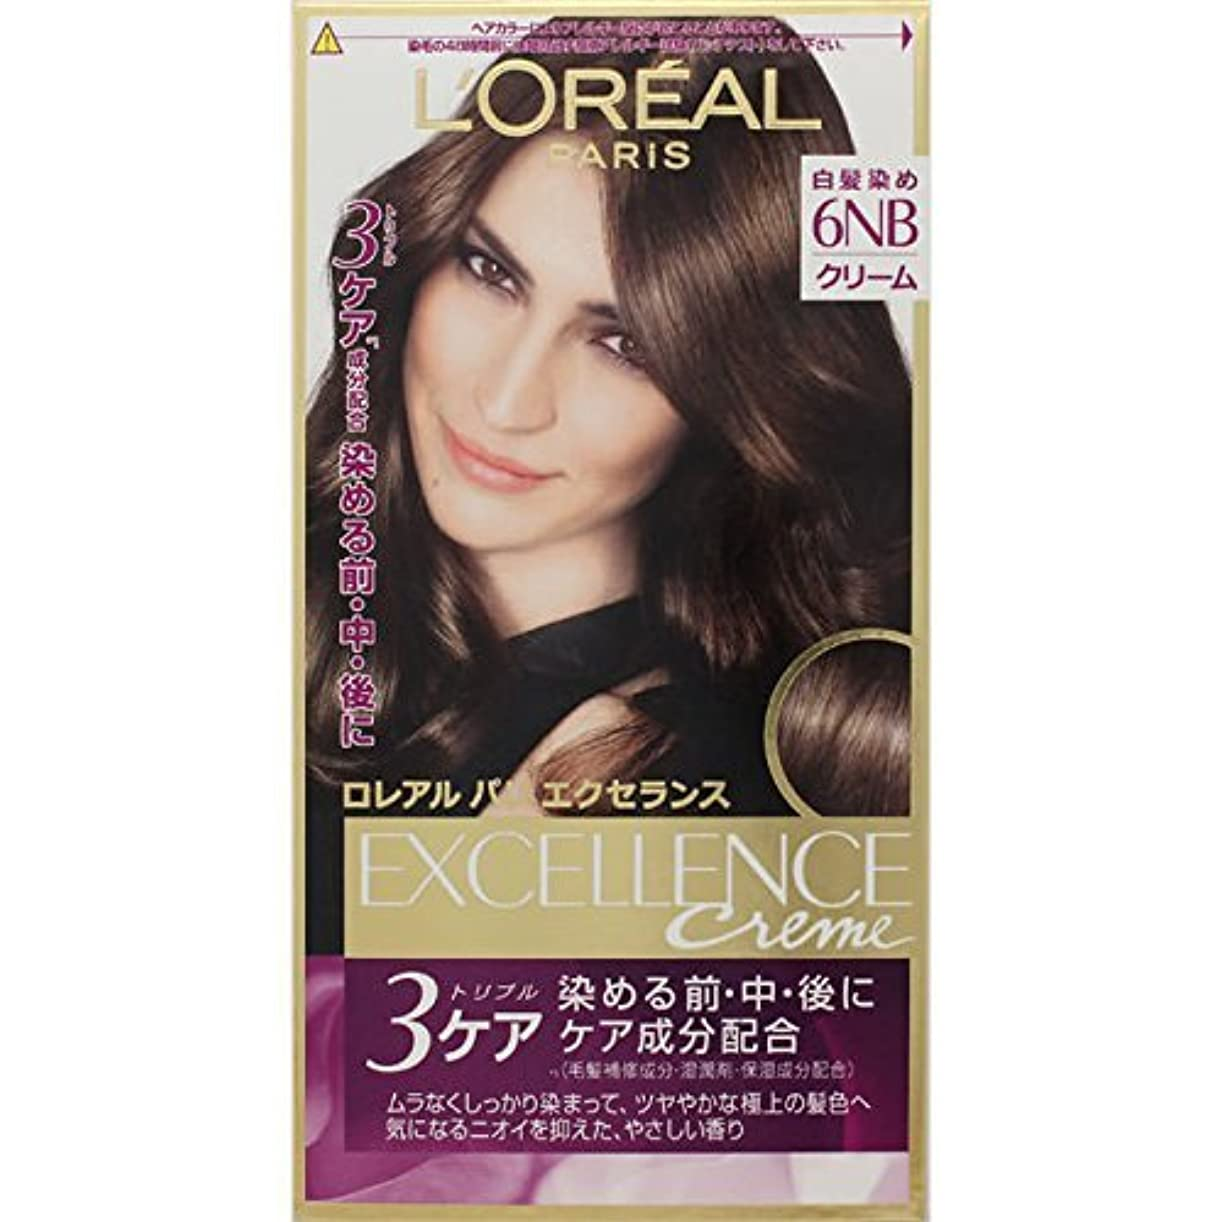 影のあるグラスいたずらなロレアル パリ ヘアカラー 白髪染め エクセランス N クリームタイプ 6NB やや明るい自然な栗色